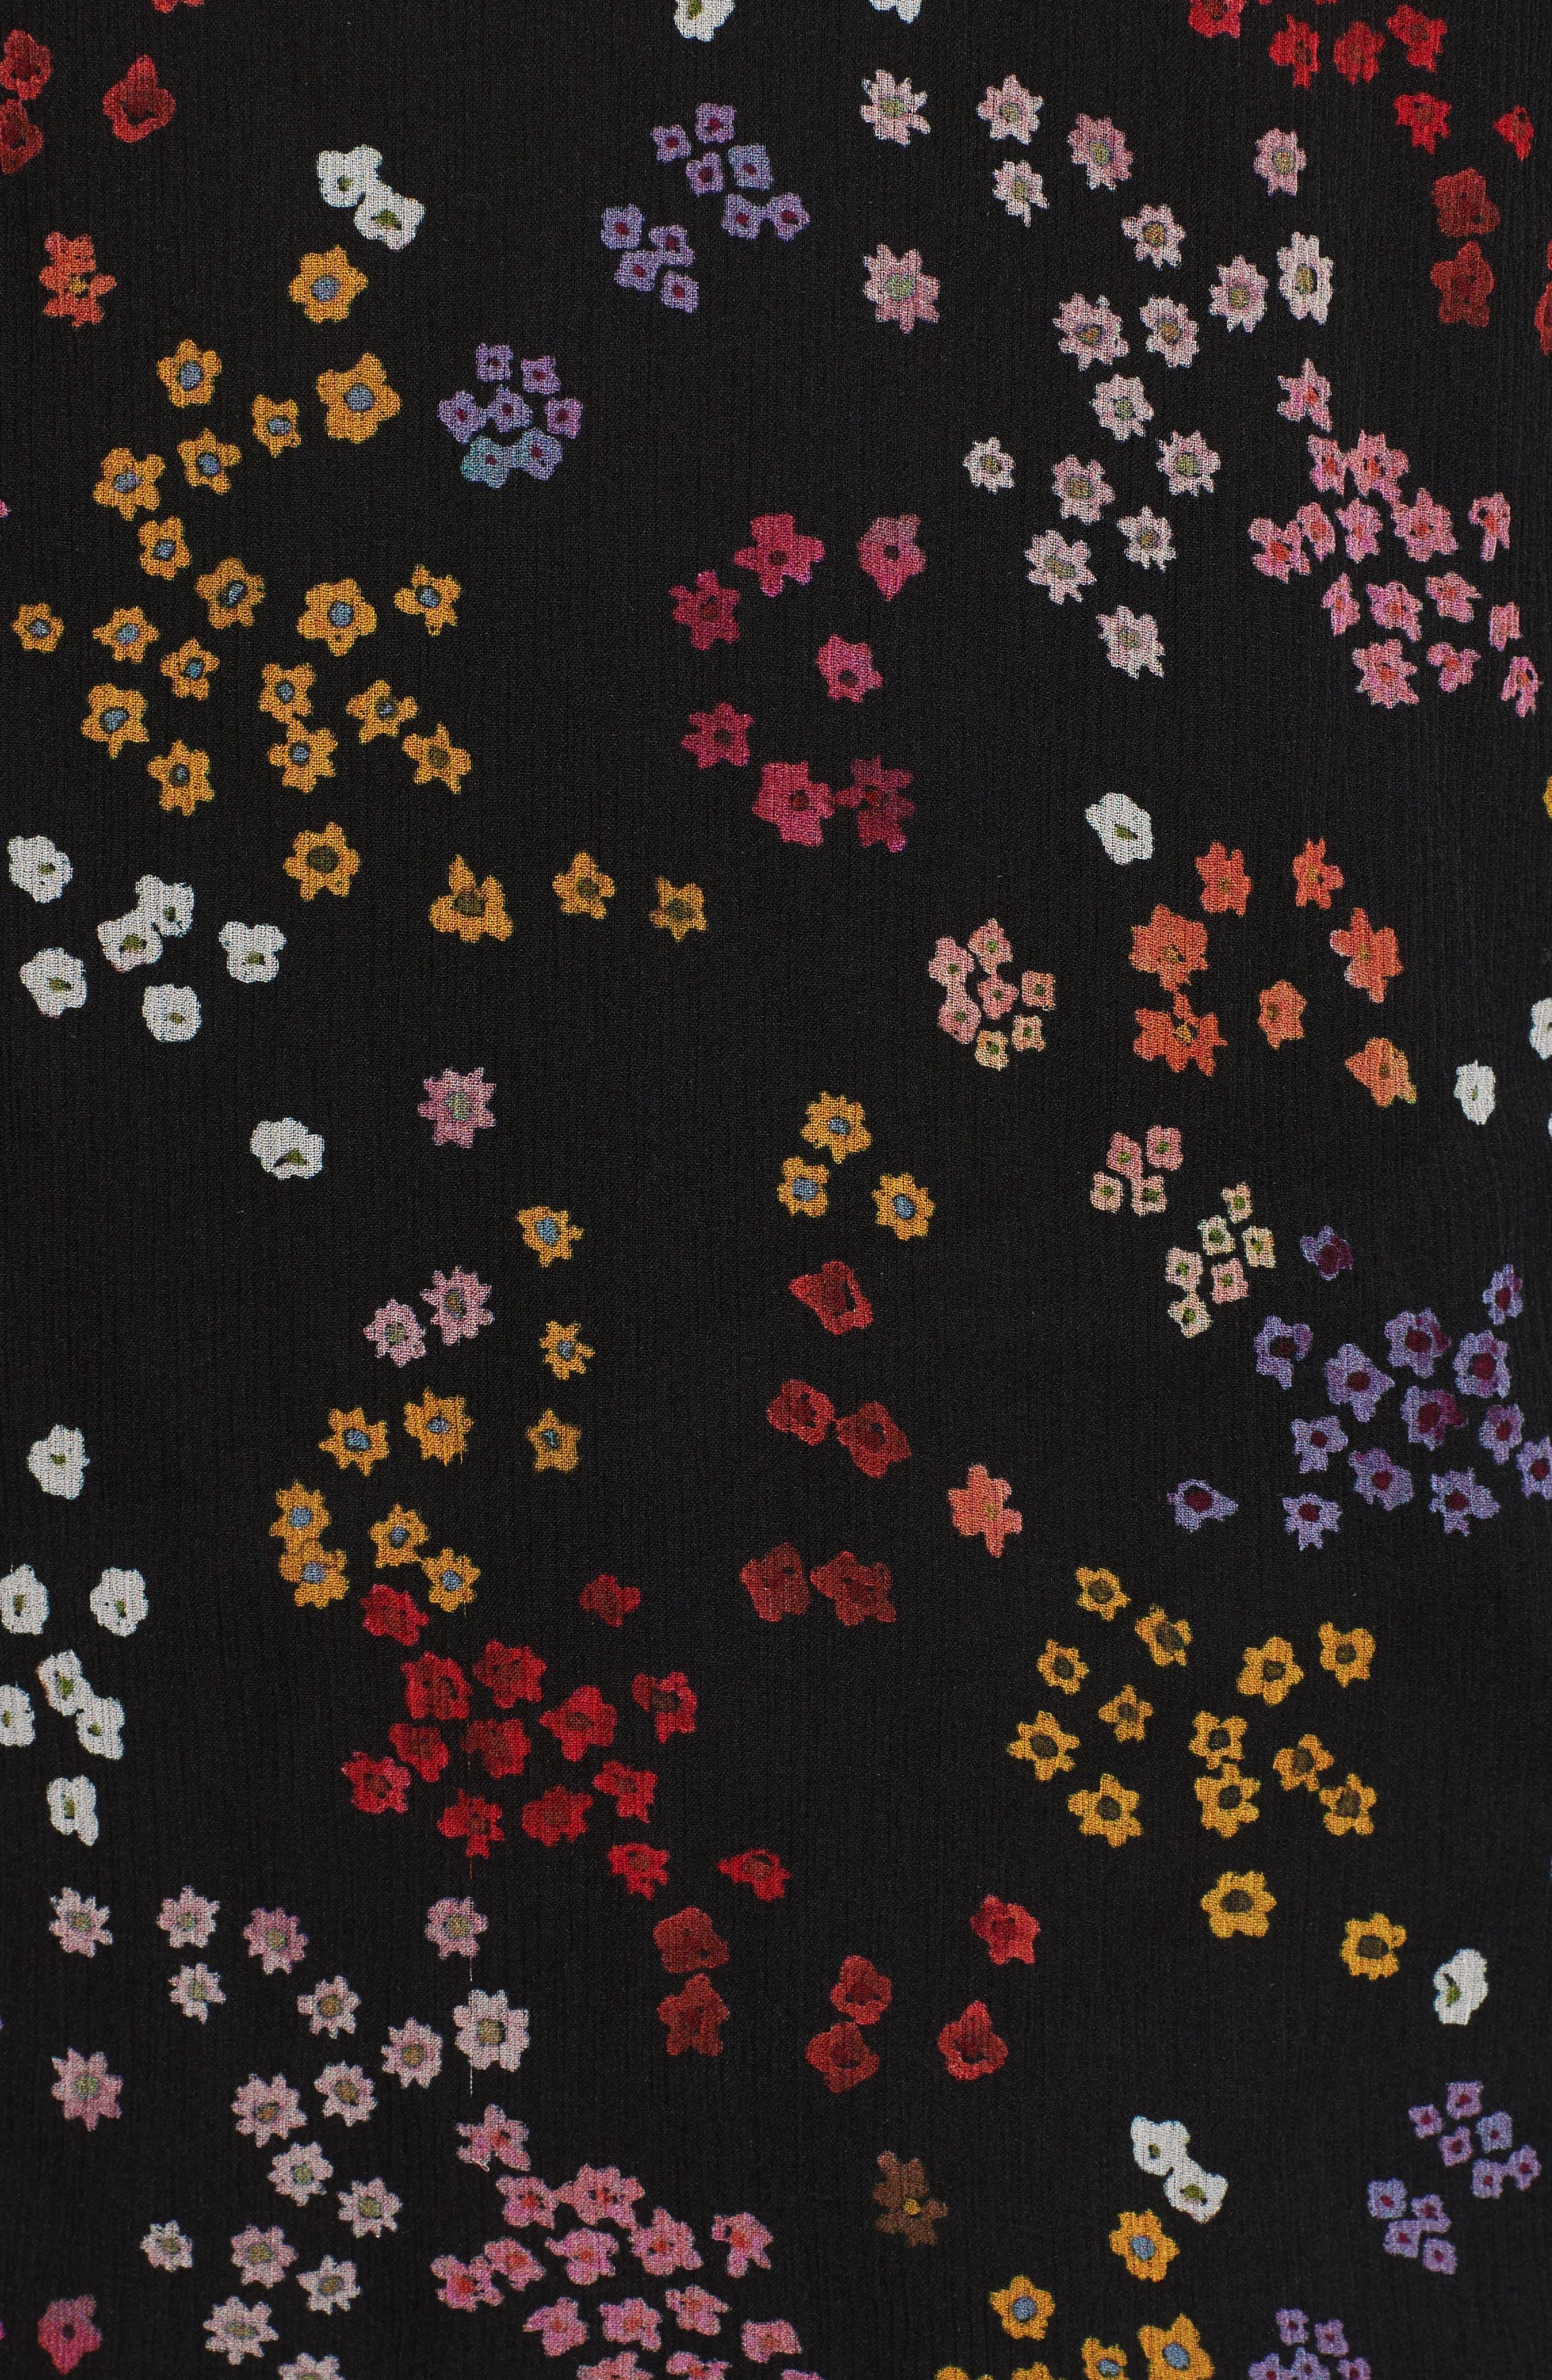 Floral Silk Blouse,                             Alternate thumbnail 5, color,                             Multicolor Black 1